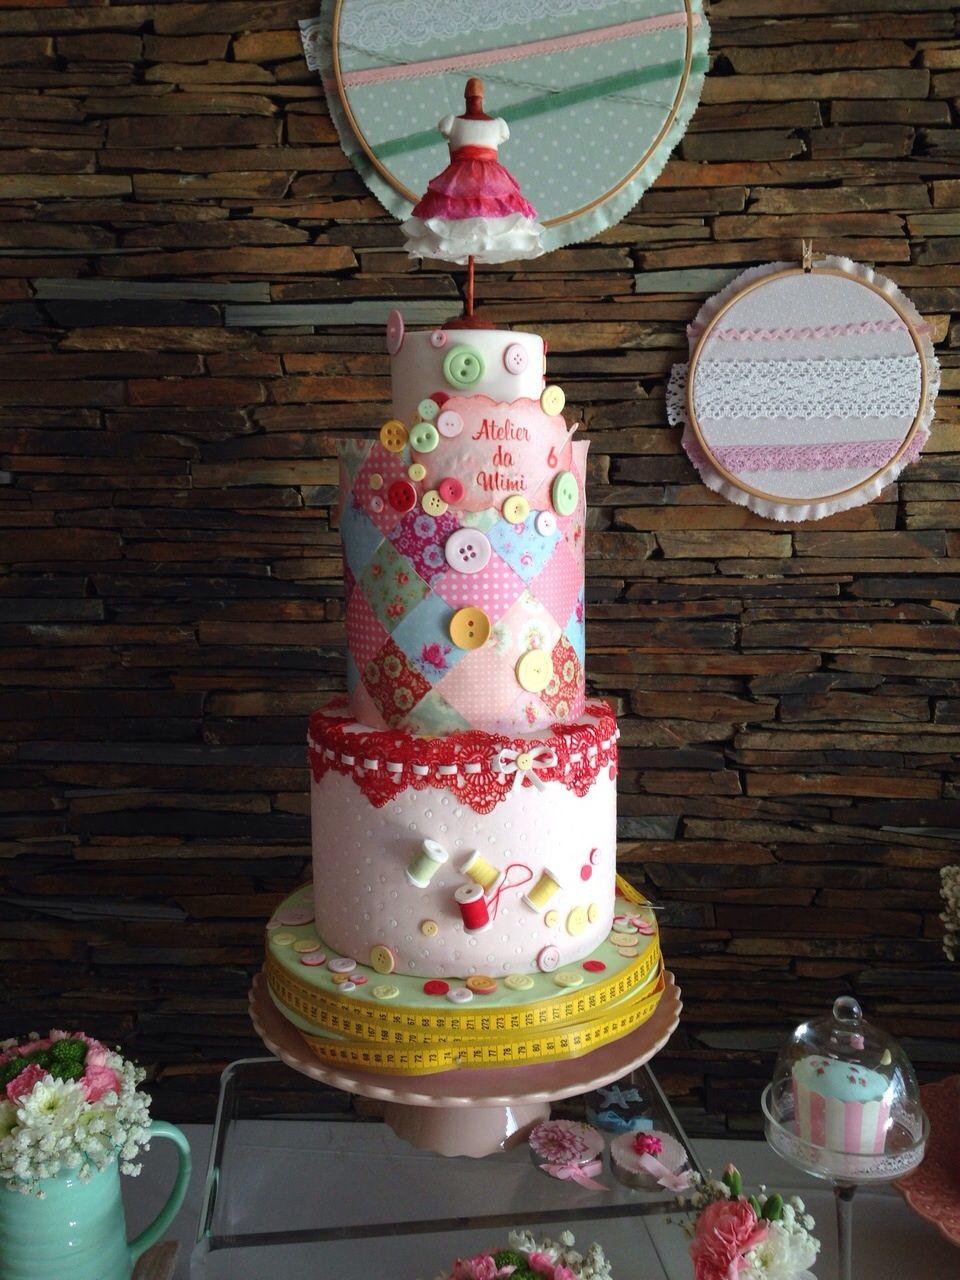 My daughter´s 6th birthday cake - Sewing/Fashion Show theme. Amazing! Decor and cake by Lima Limão Bolo 6 anos minha filha - tema Costura/ Fashion Show.  Decoração e bolo de Lima Limão